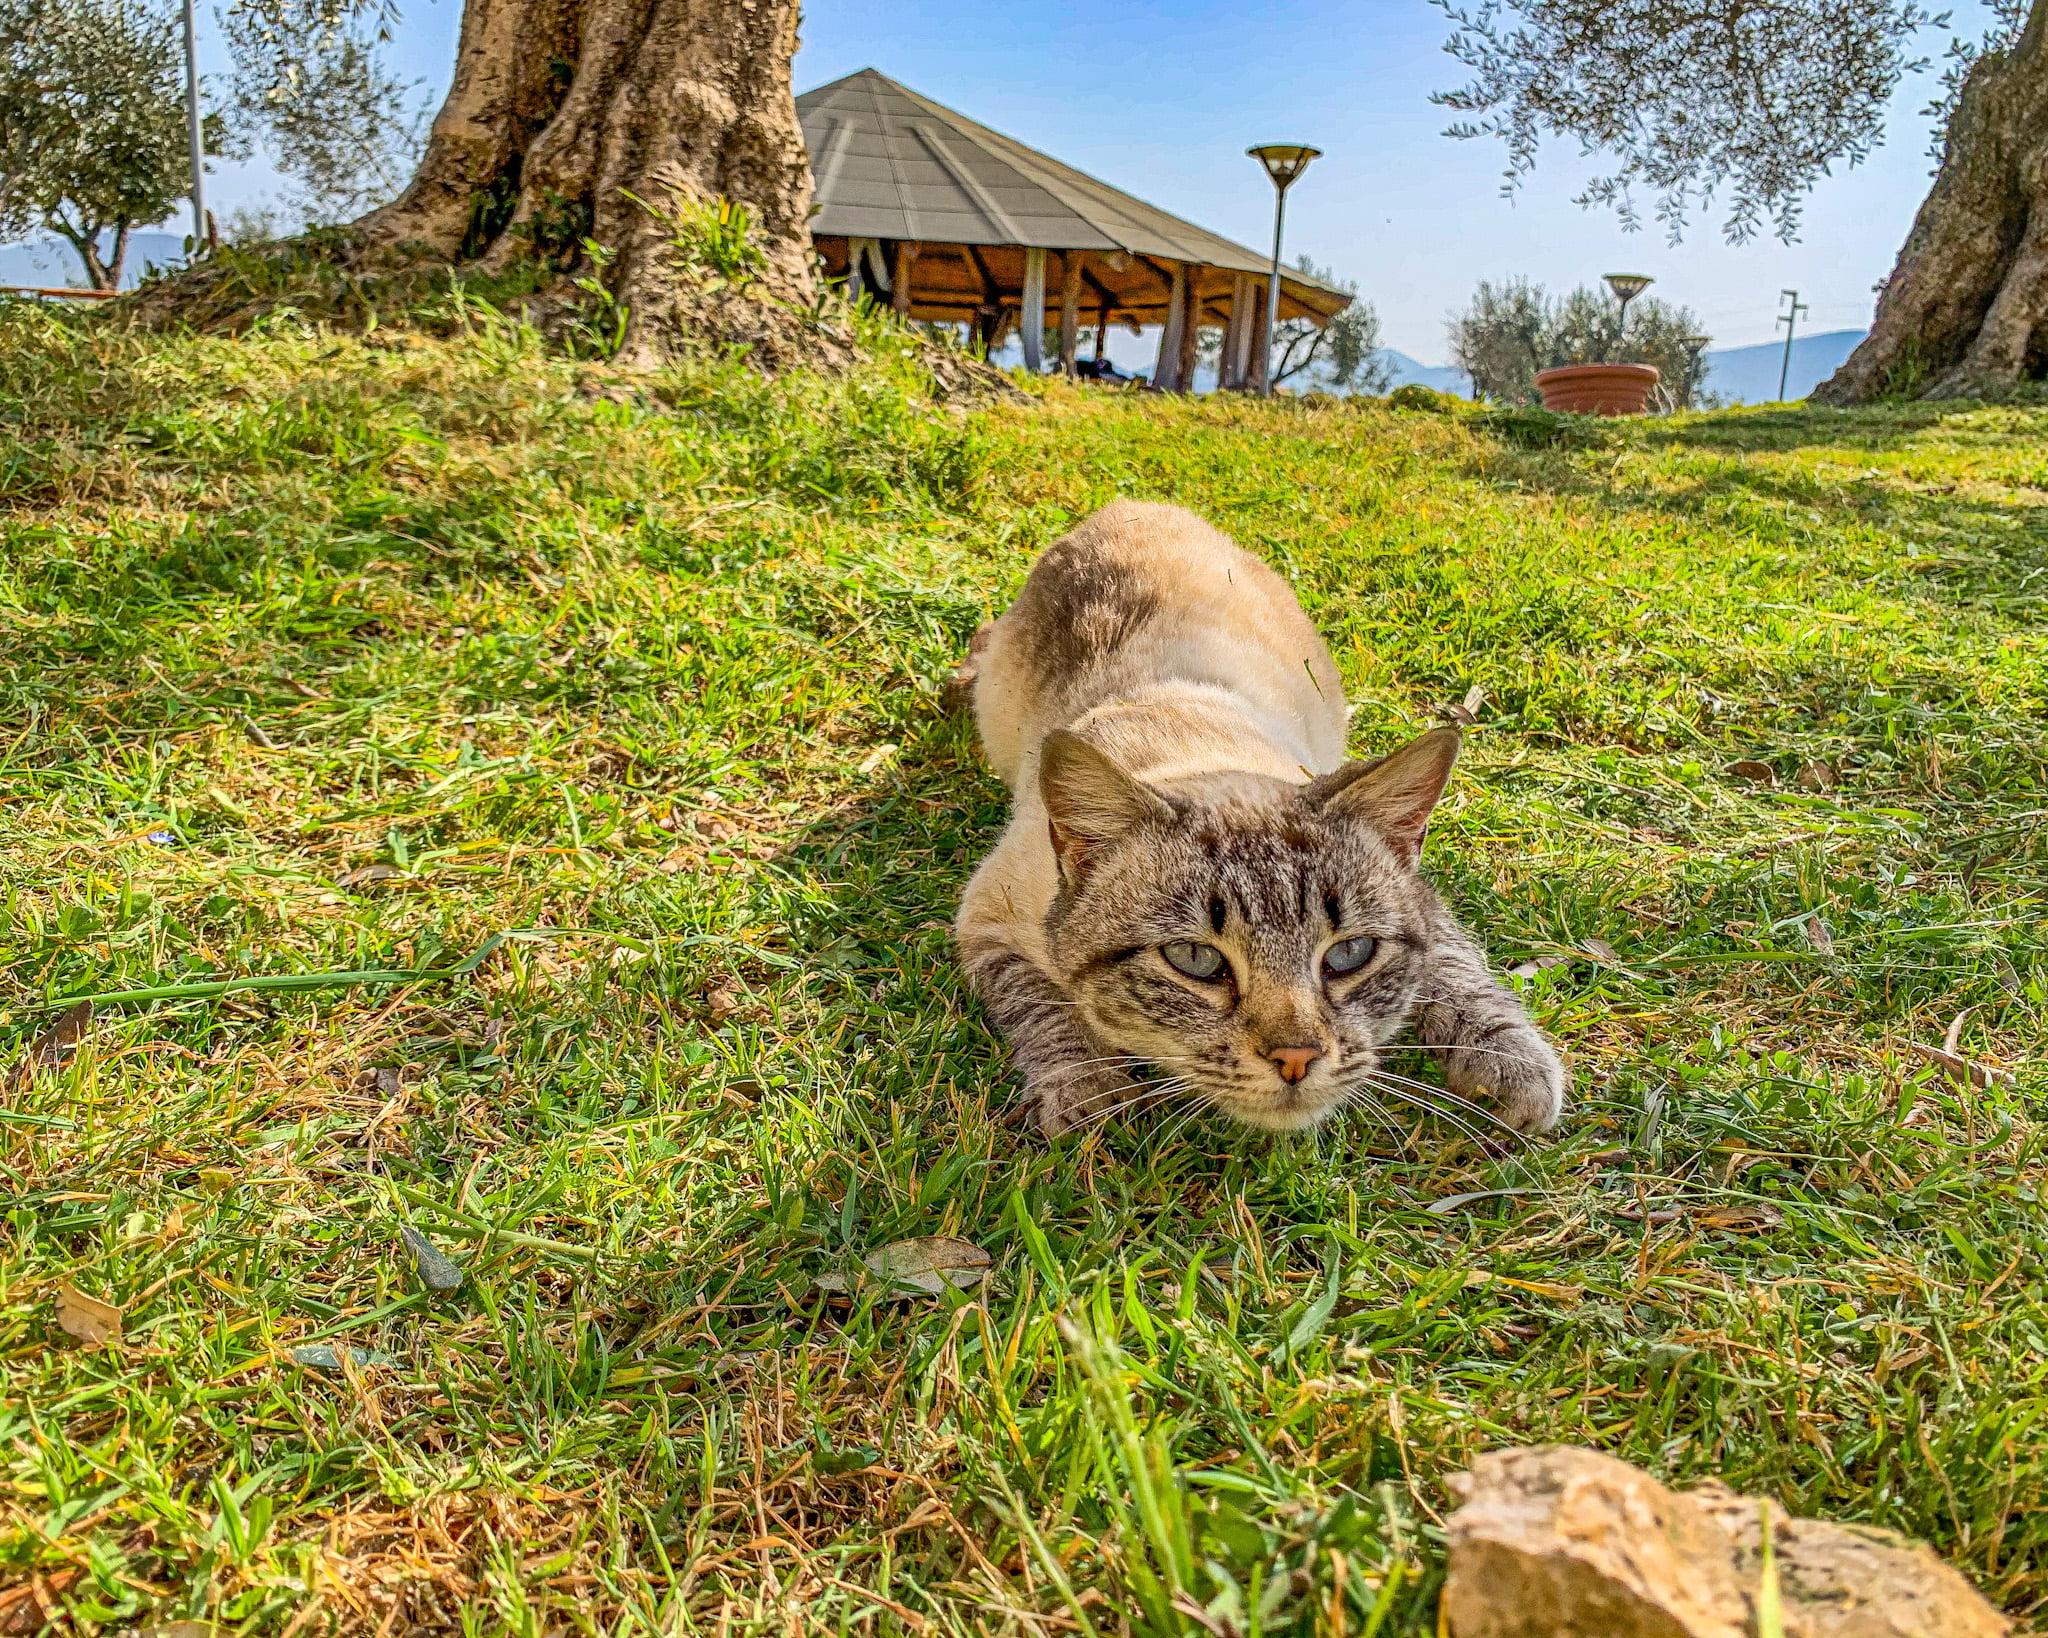 Tra le fattorie didattiche del Lazio trovi la Tenuta di Davide, un agrifattoria dove passare bellissime giornate all'aria aperta, tra playground e animali da cortile.